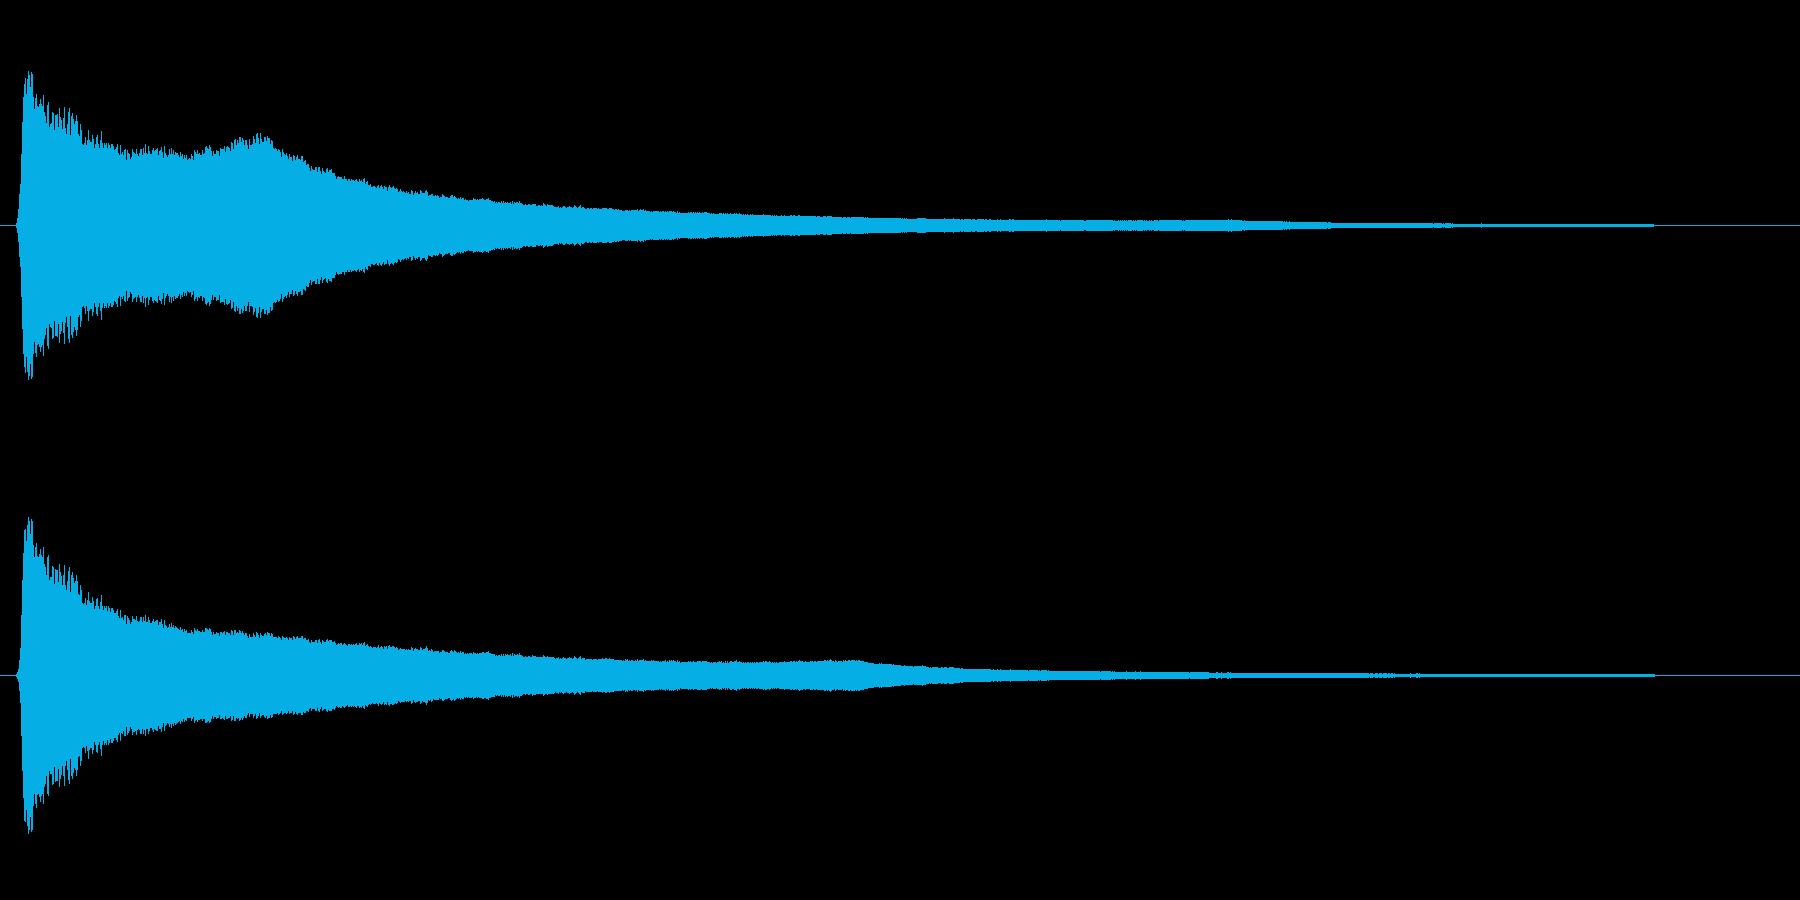 リーン(風鈴の音色)の再生済みの波形